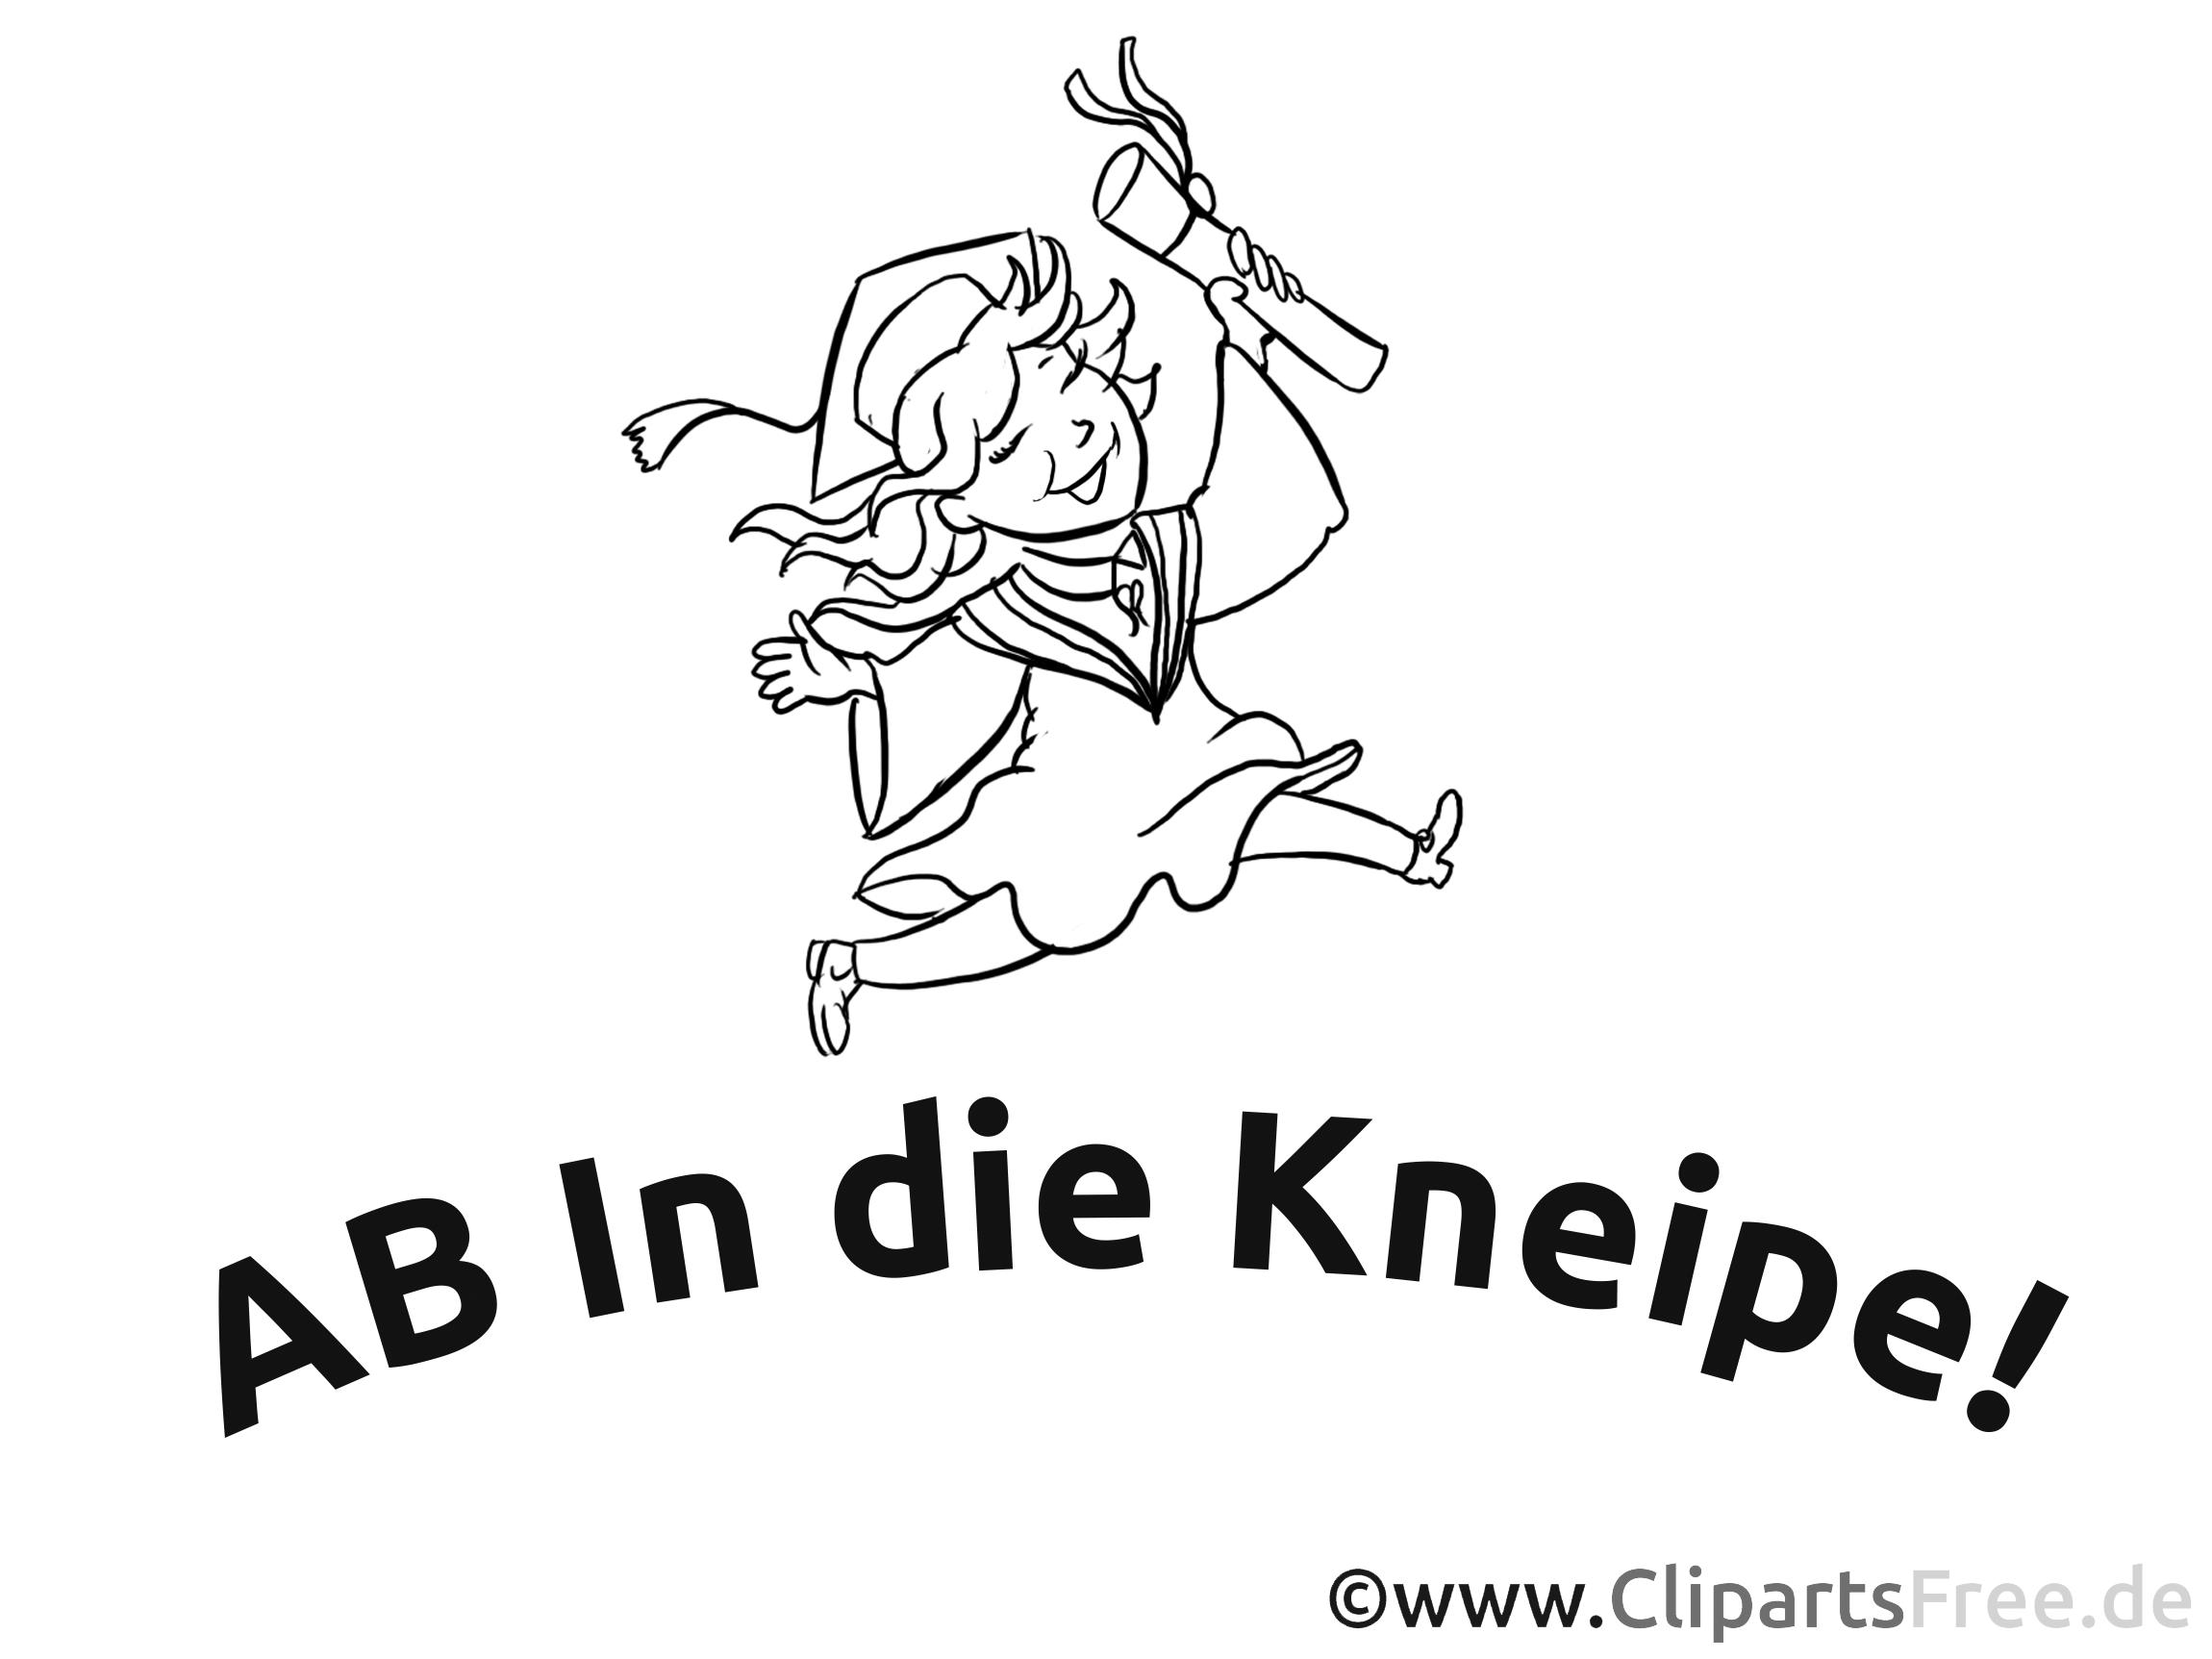 Vorlage für ABI Plakat - Ab in die Kneipe!